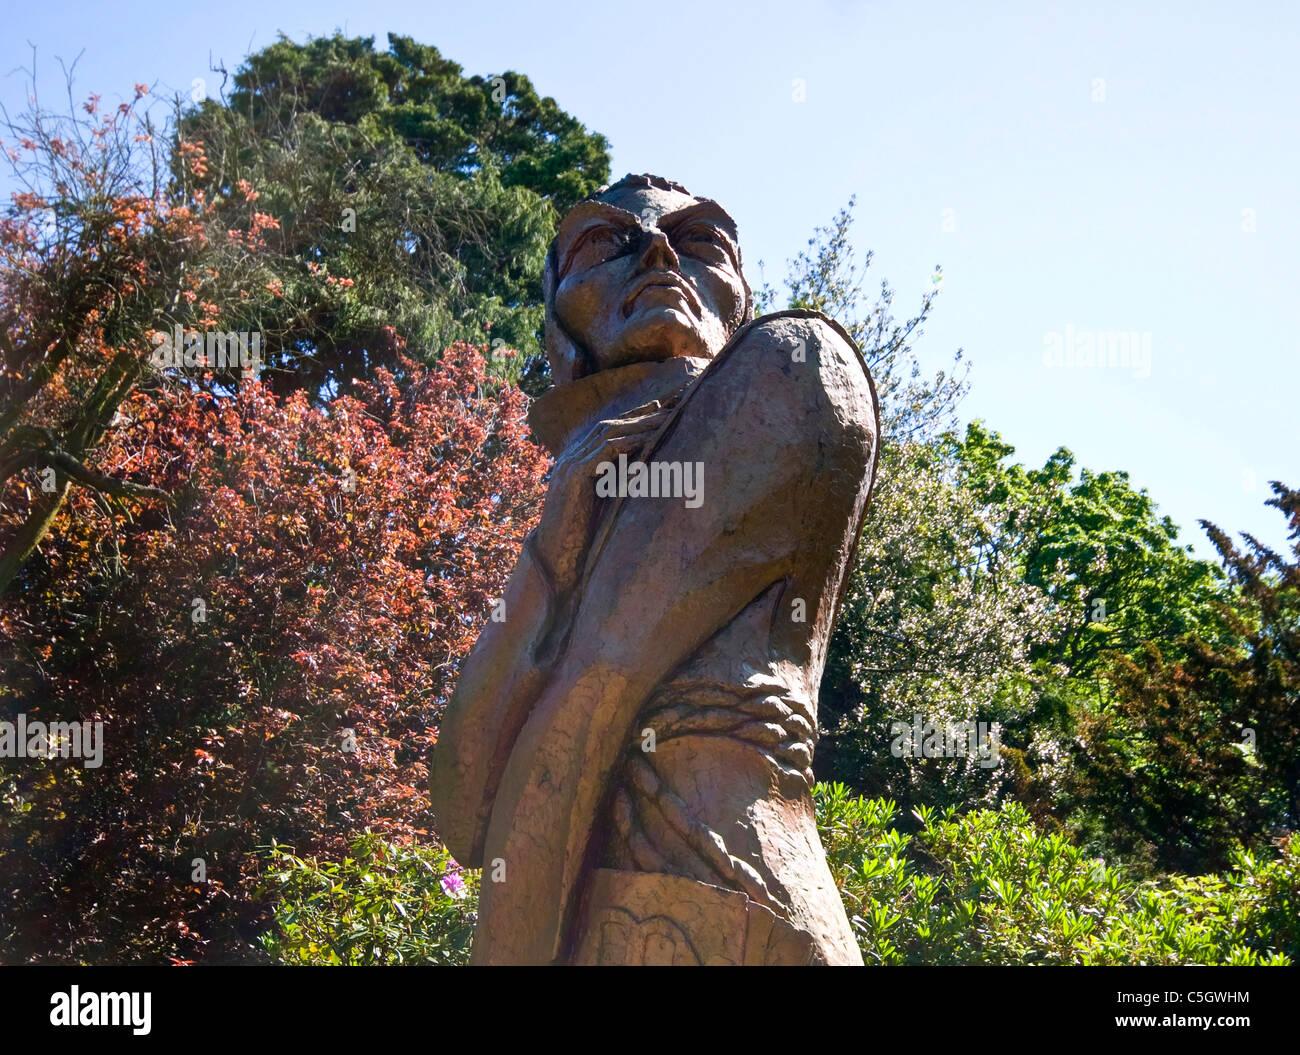 Duns park bronze sculpture - Stock Image